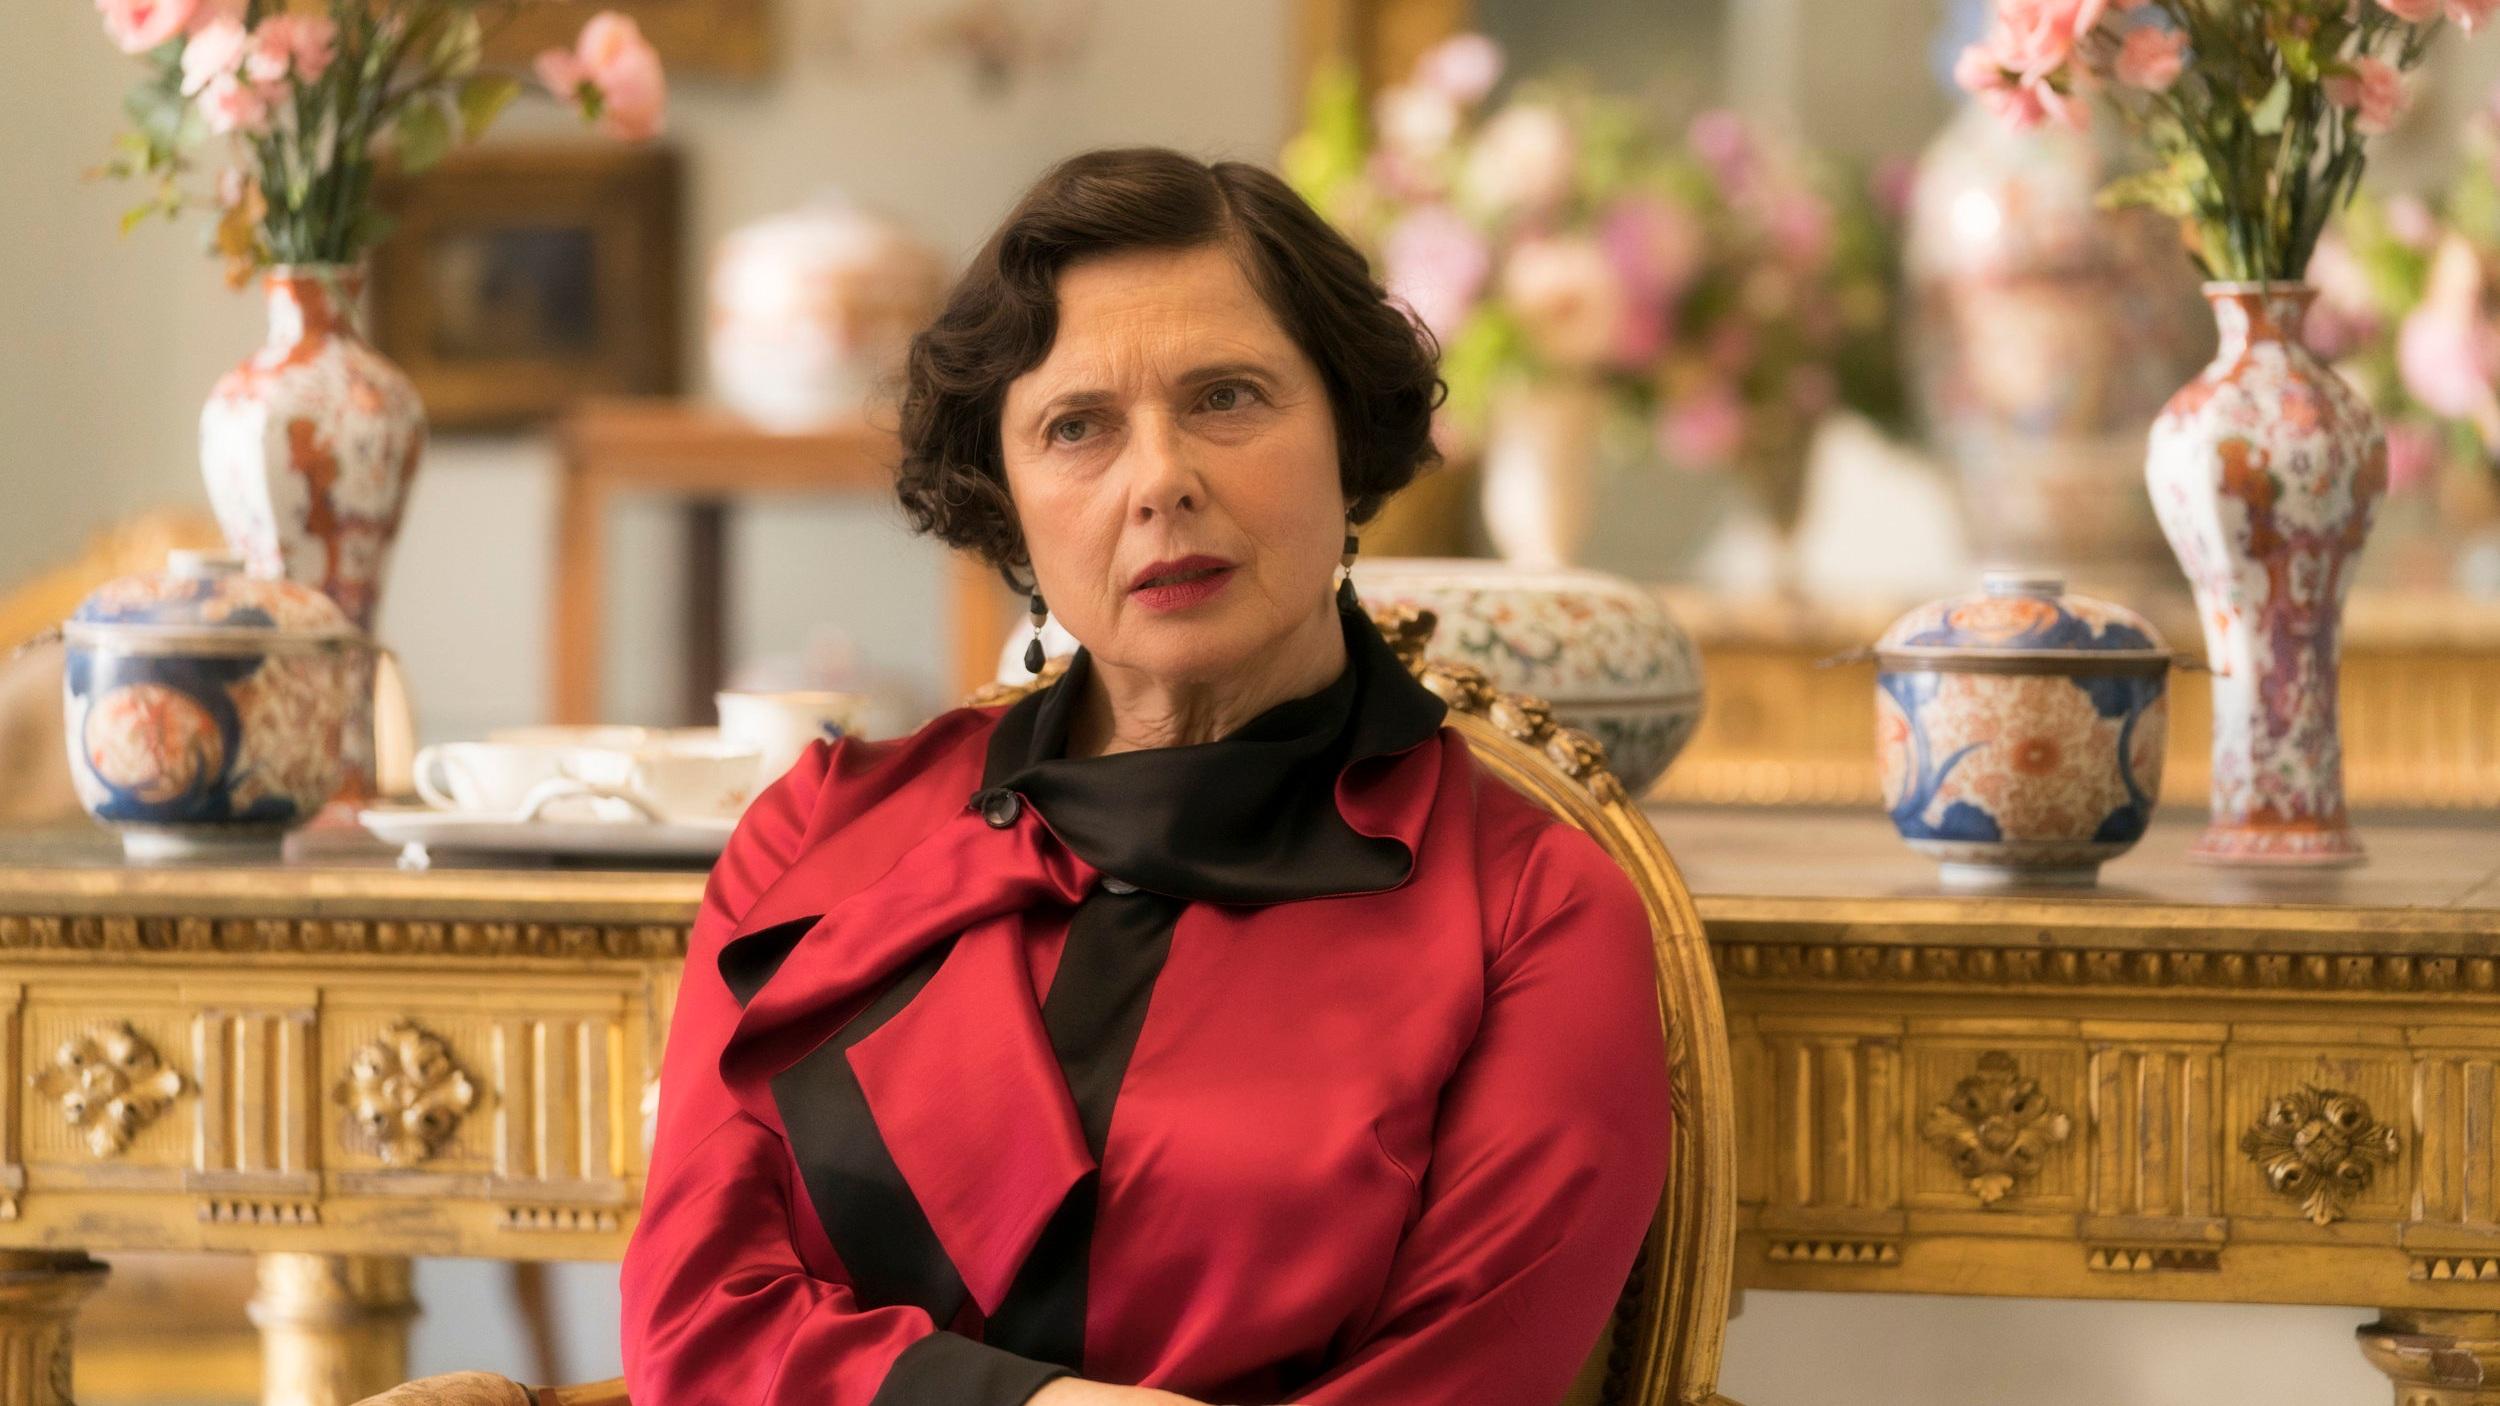 Isabella Rossellini in  Vita & Virginia